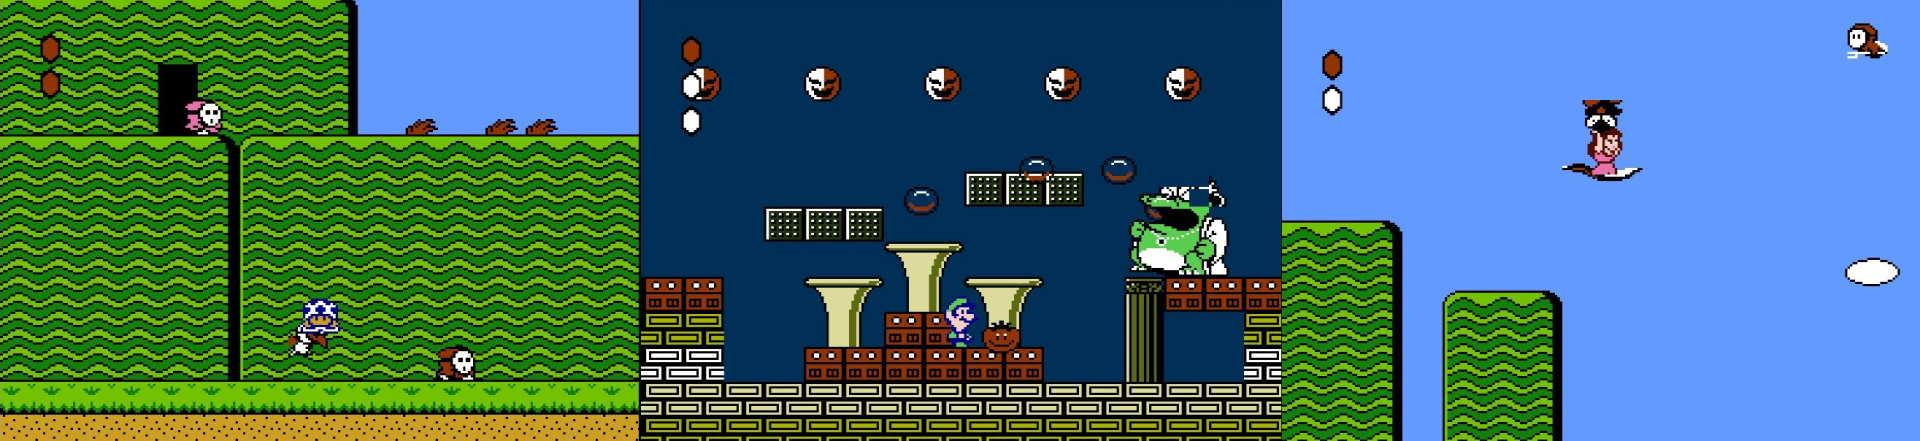 11 Super Mario Bros 2